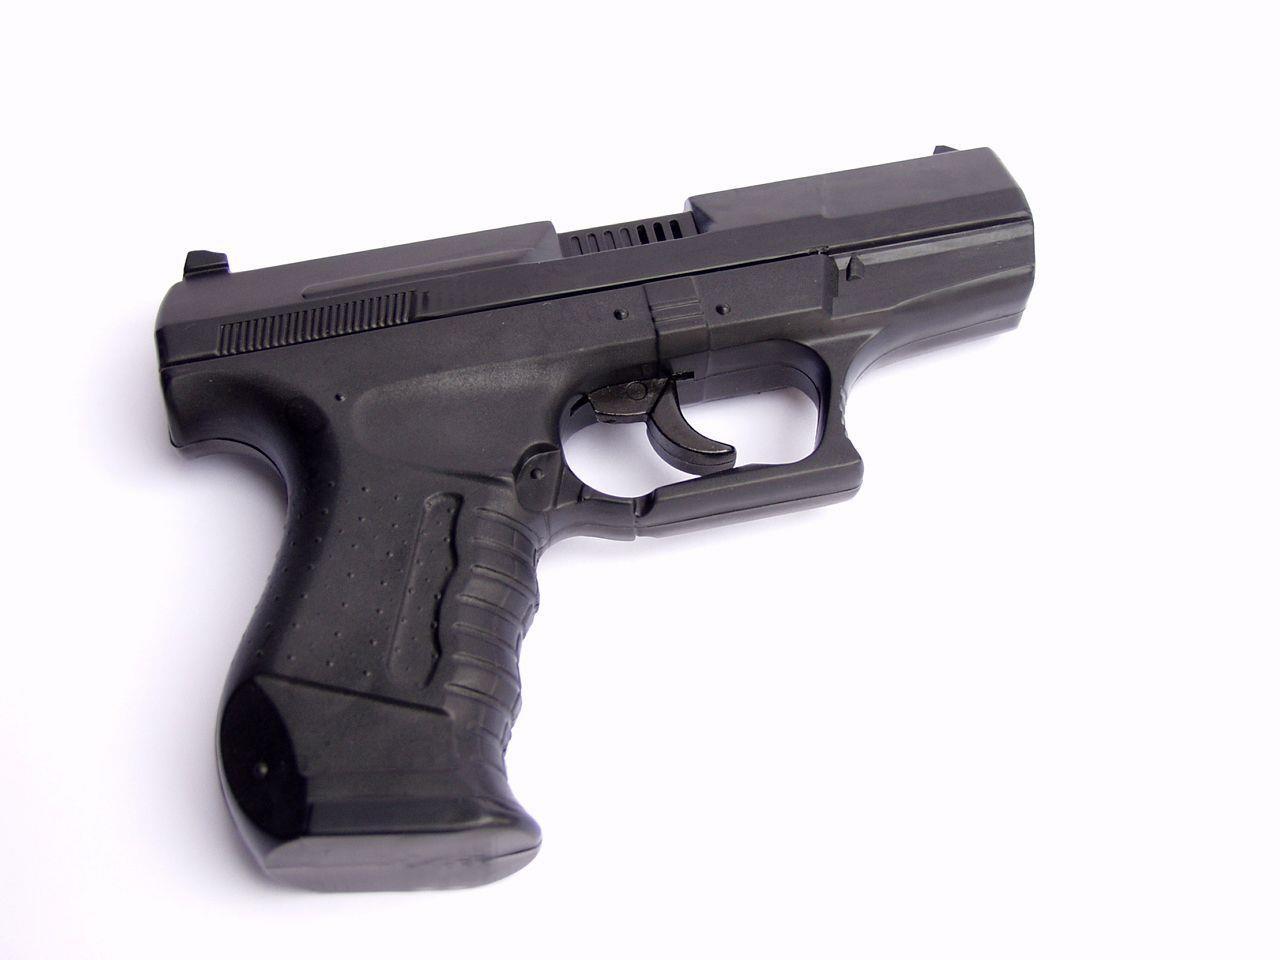 Mit einer Pistole bedrohte der Täter die Trafikangestellte